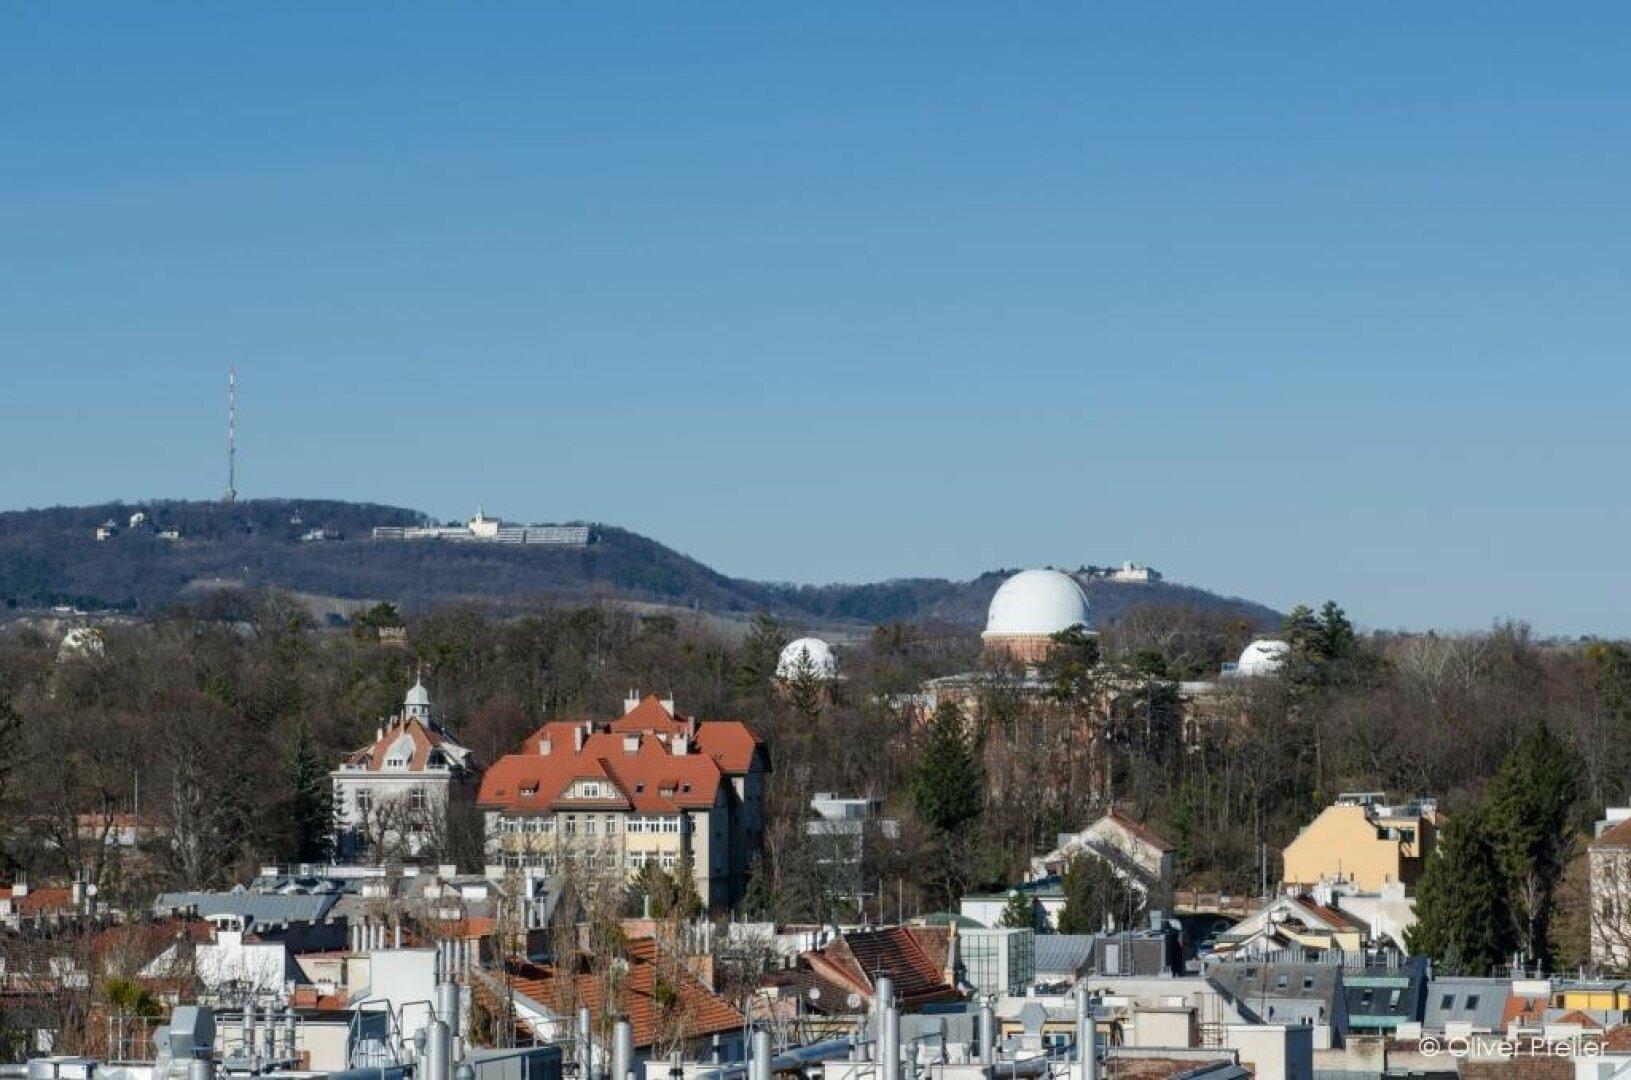 Blick über Sternwarte gegen Kahlenberg